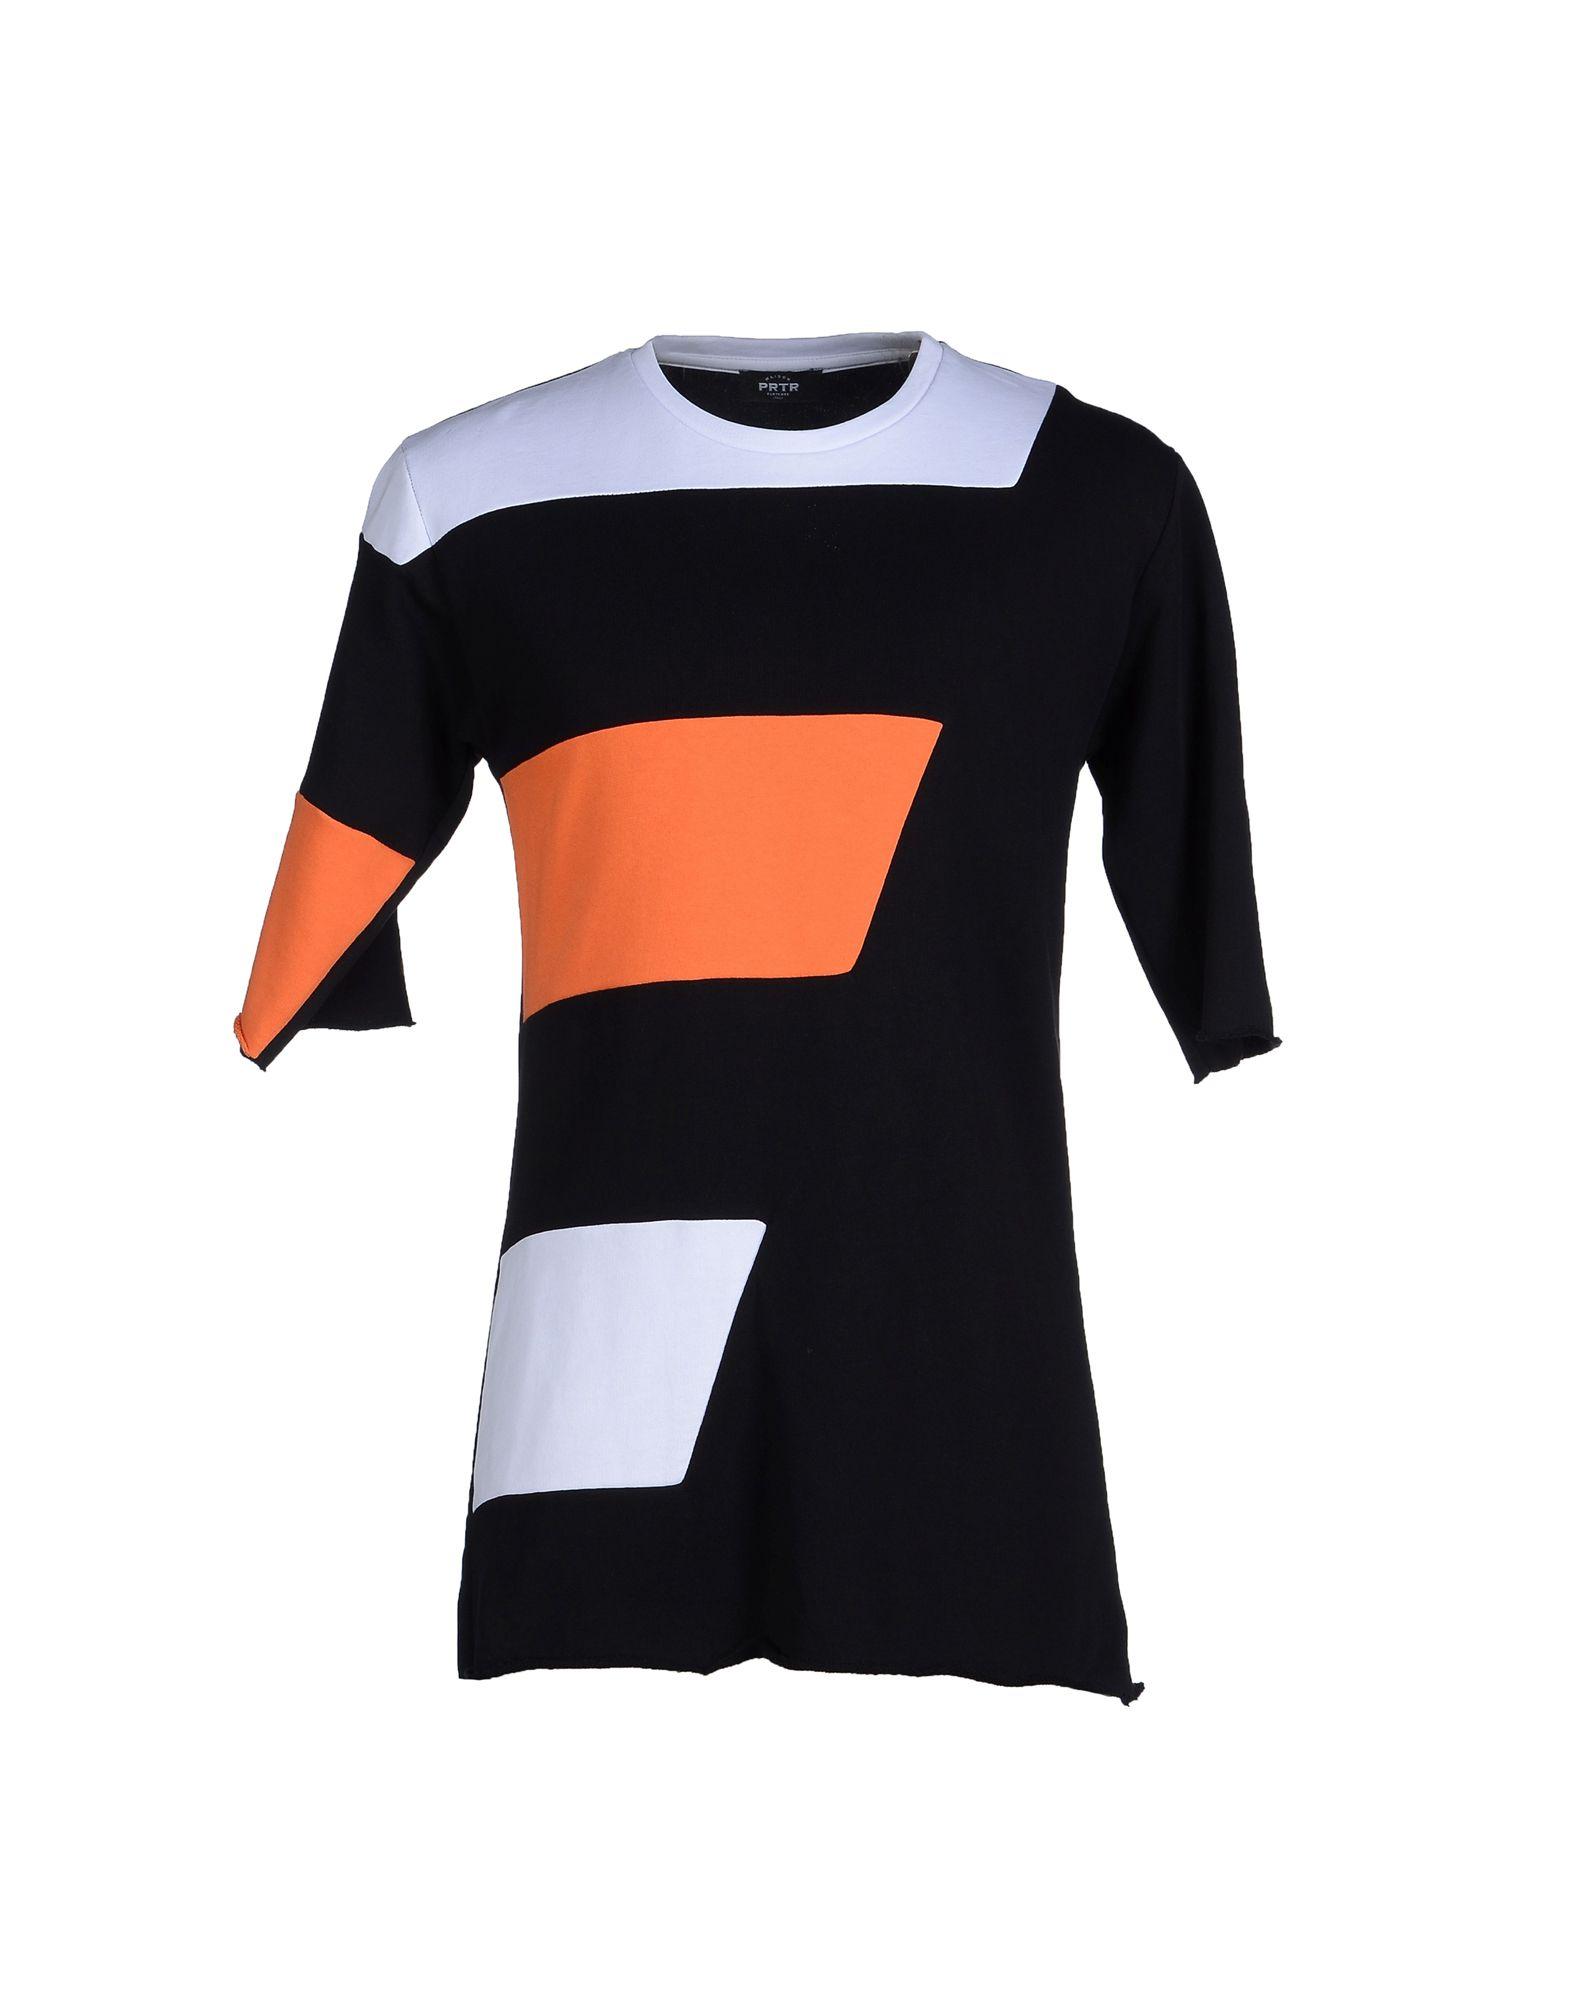 《送料無料》MAISON PARTERRE メンズ スウェットシャツ ブラック XL コットン 100%